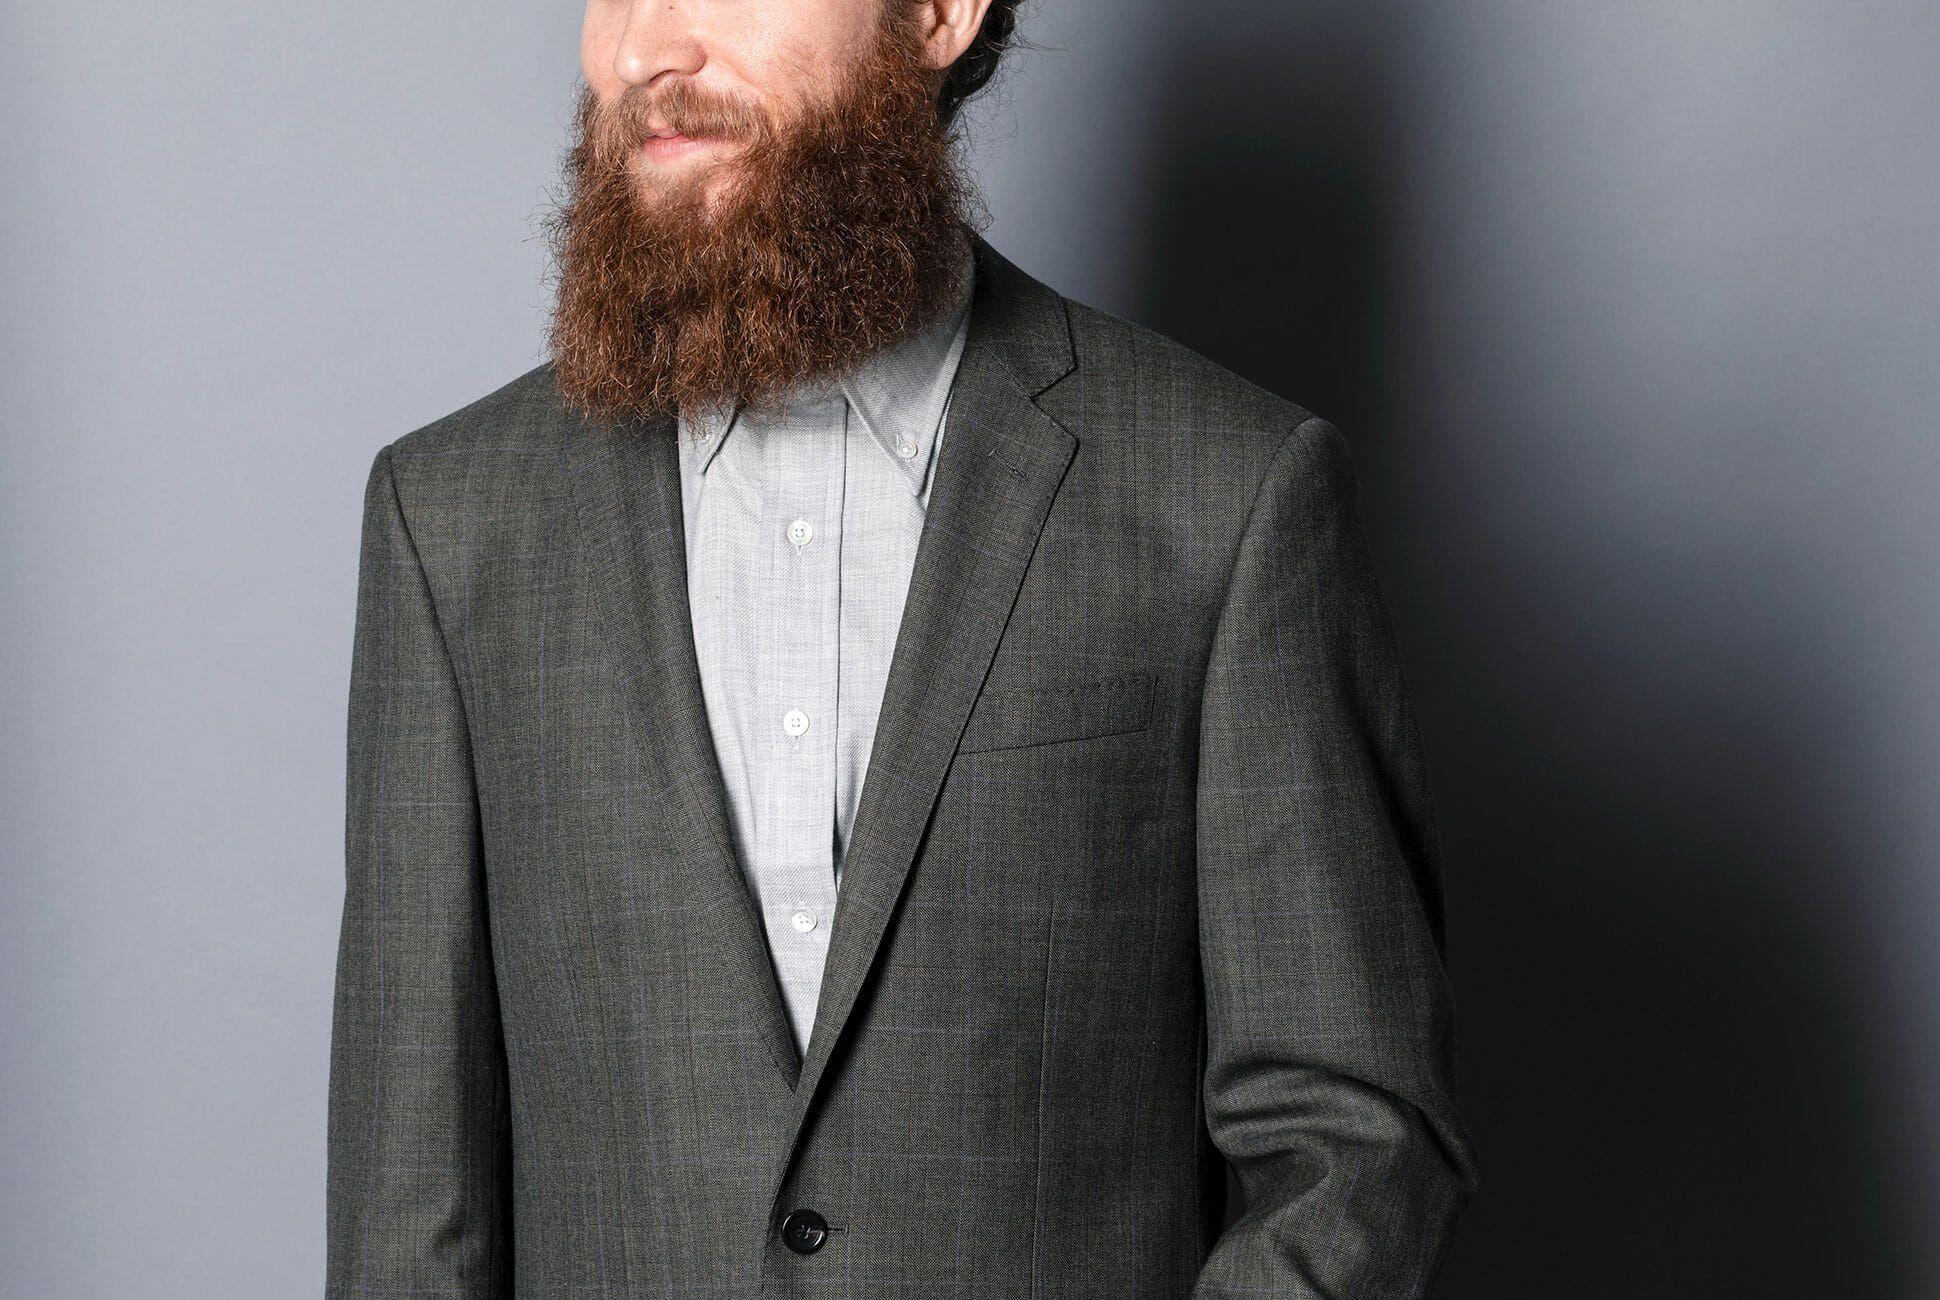 10-best-suits-under-1k-gear-patrol-editor-pick-jcrew-1